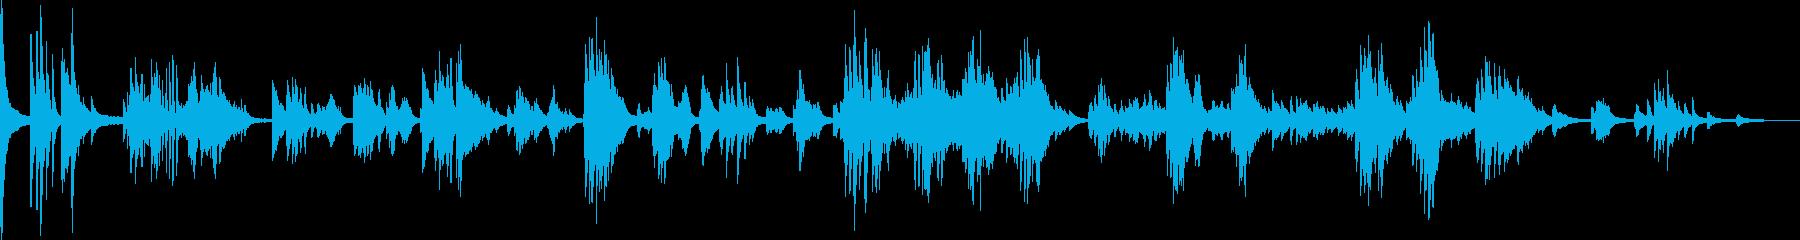 絶望(ピアノ・生演奏・悲しい・暗い)の再生済みの波形